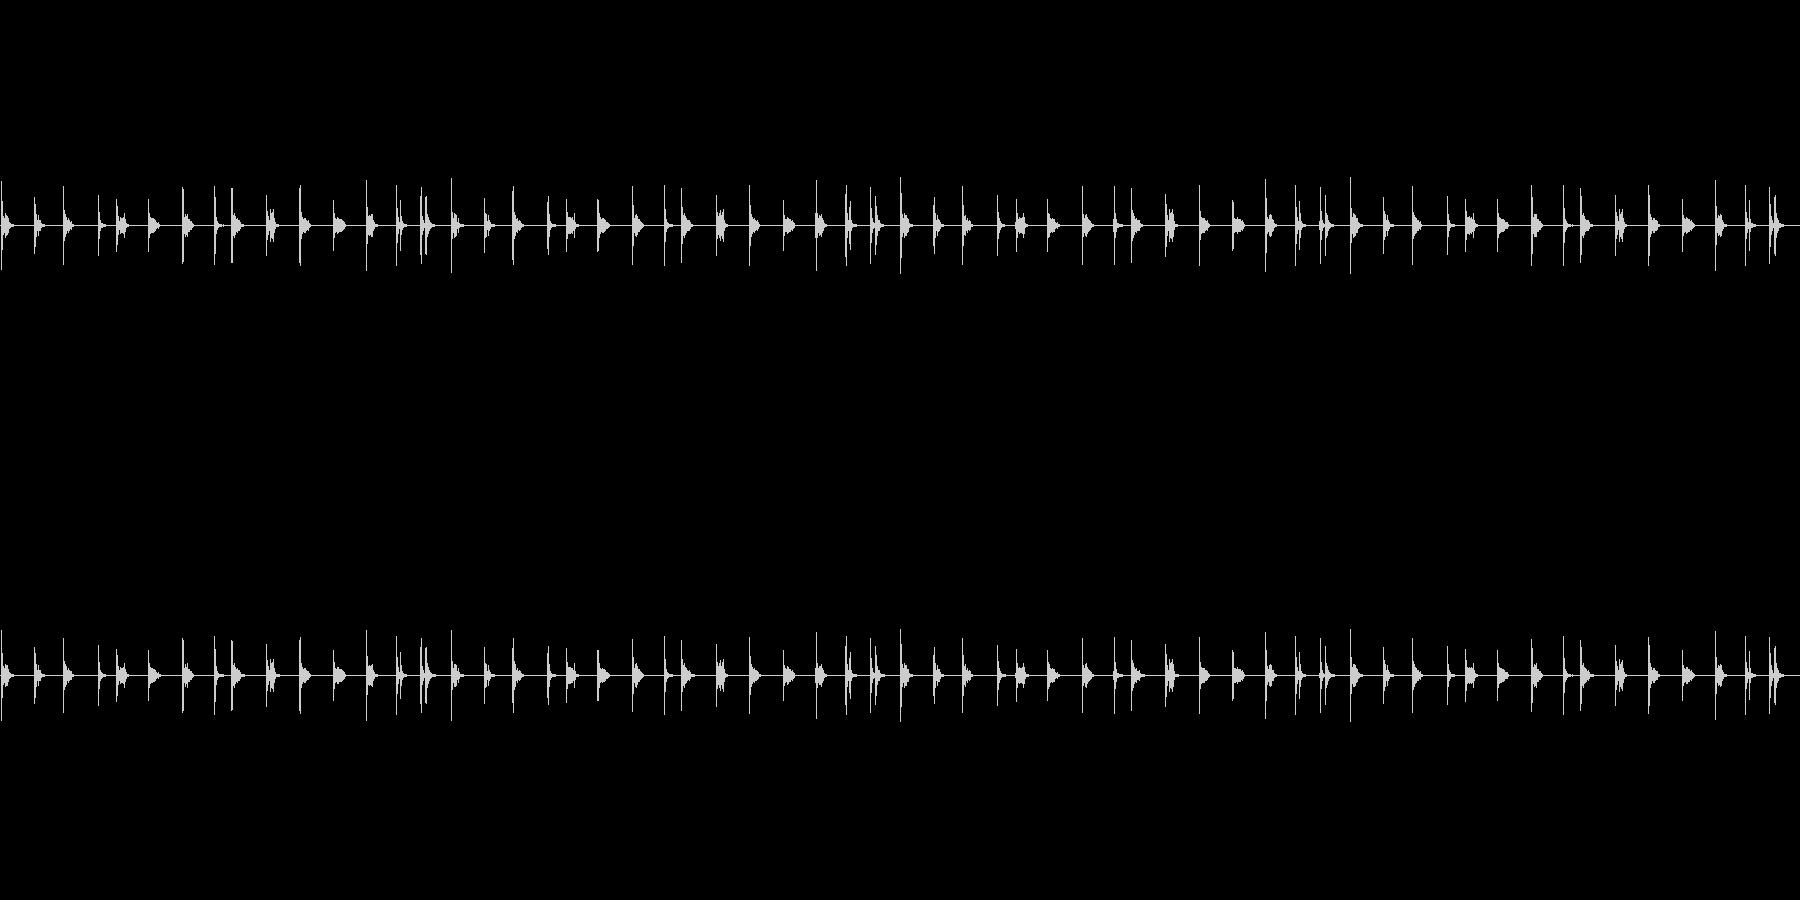 水道の水滴の音の未再生の波形